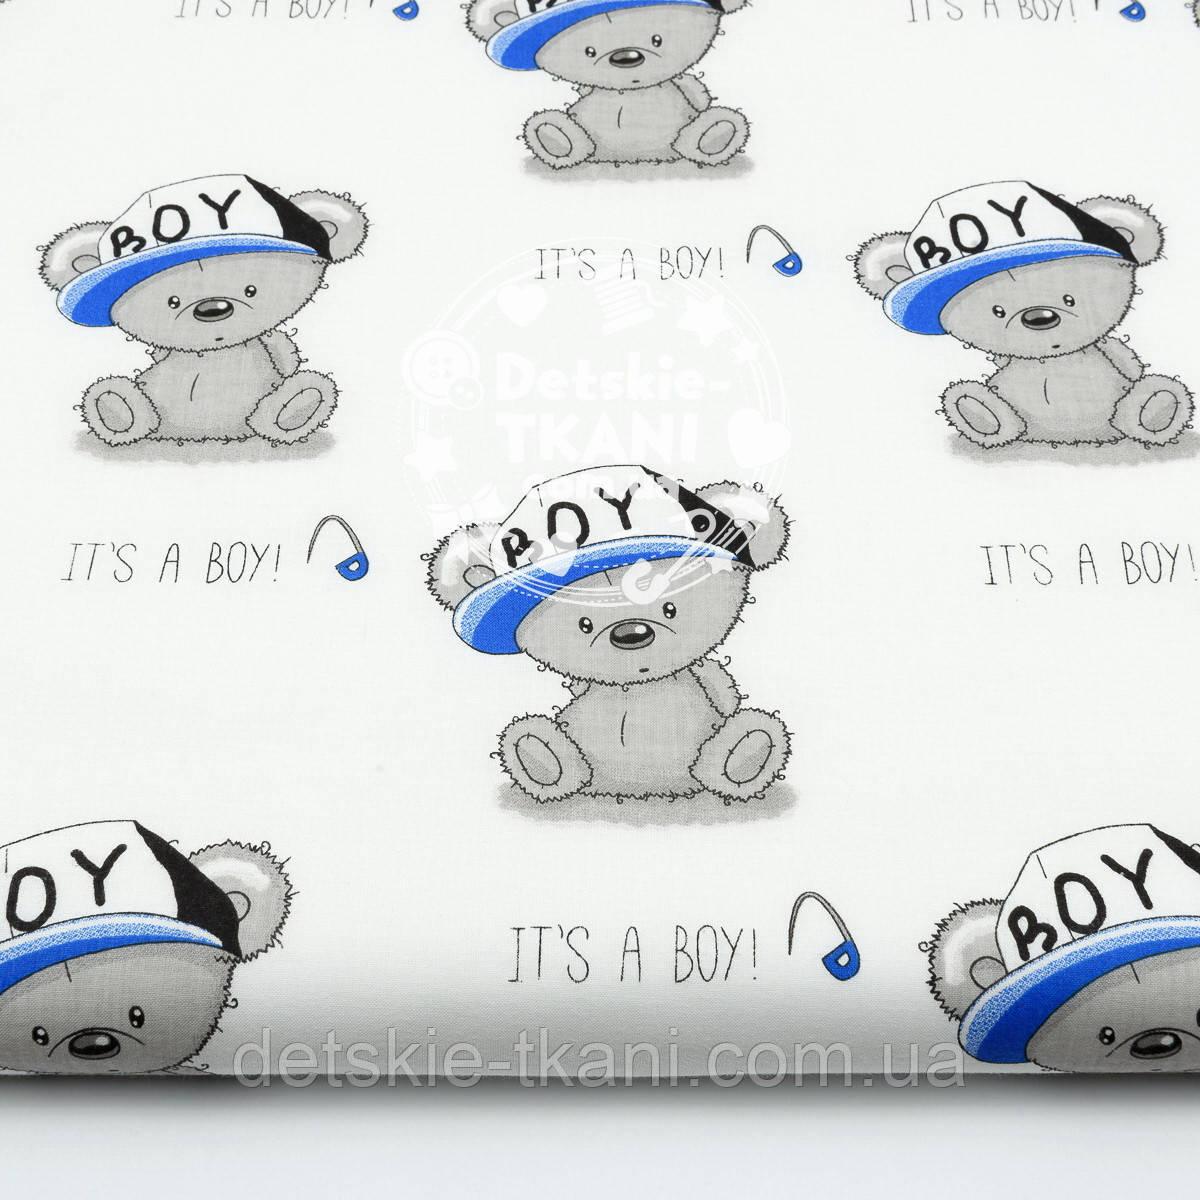 """Ткань хлопковая """"Мишки Boy в кепке"""" на белом фоне  №1601а"""